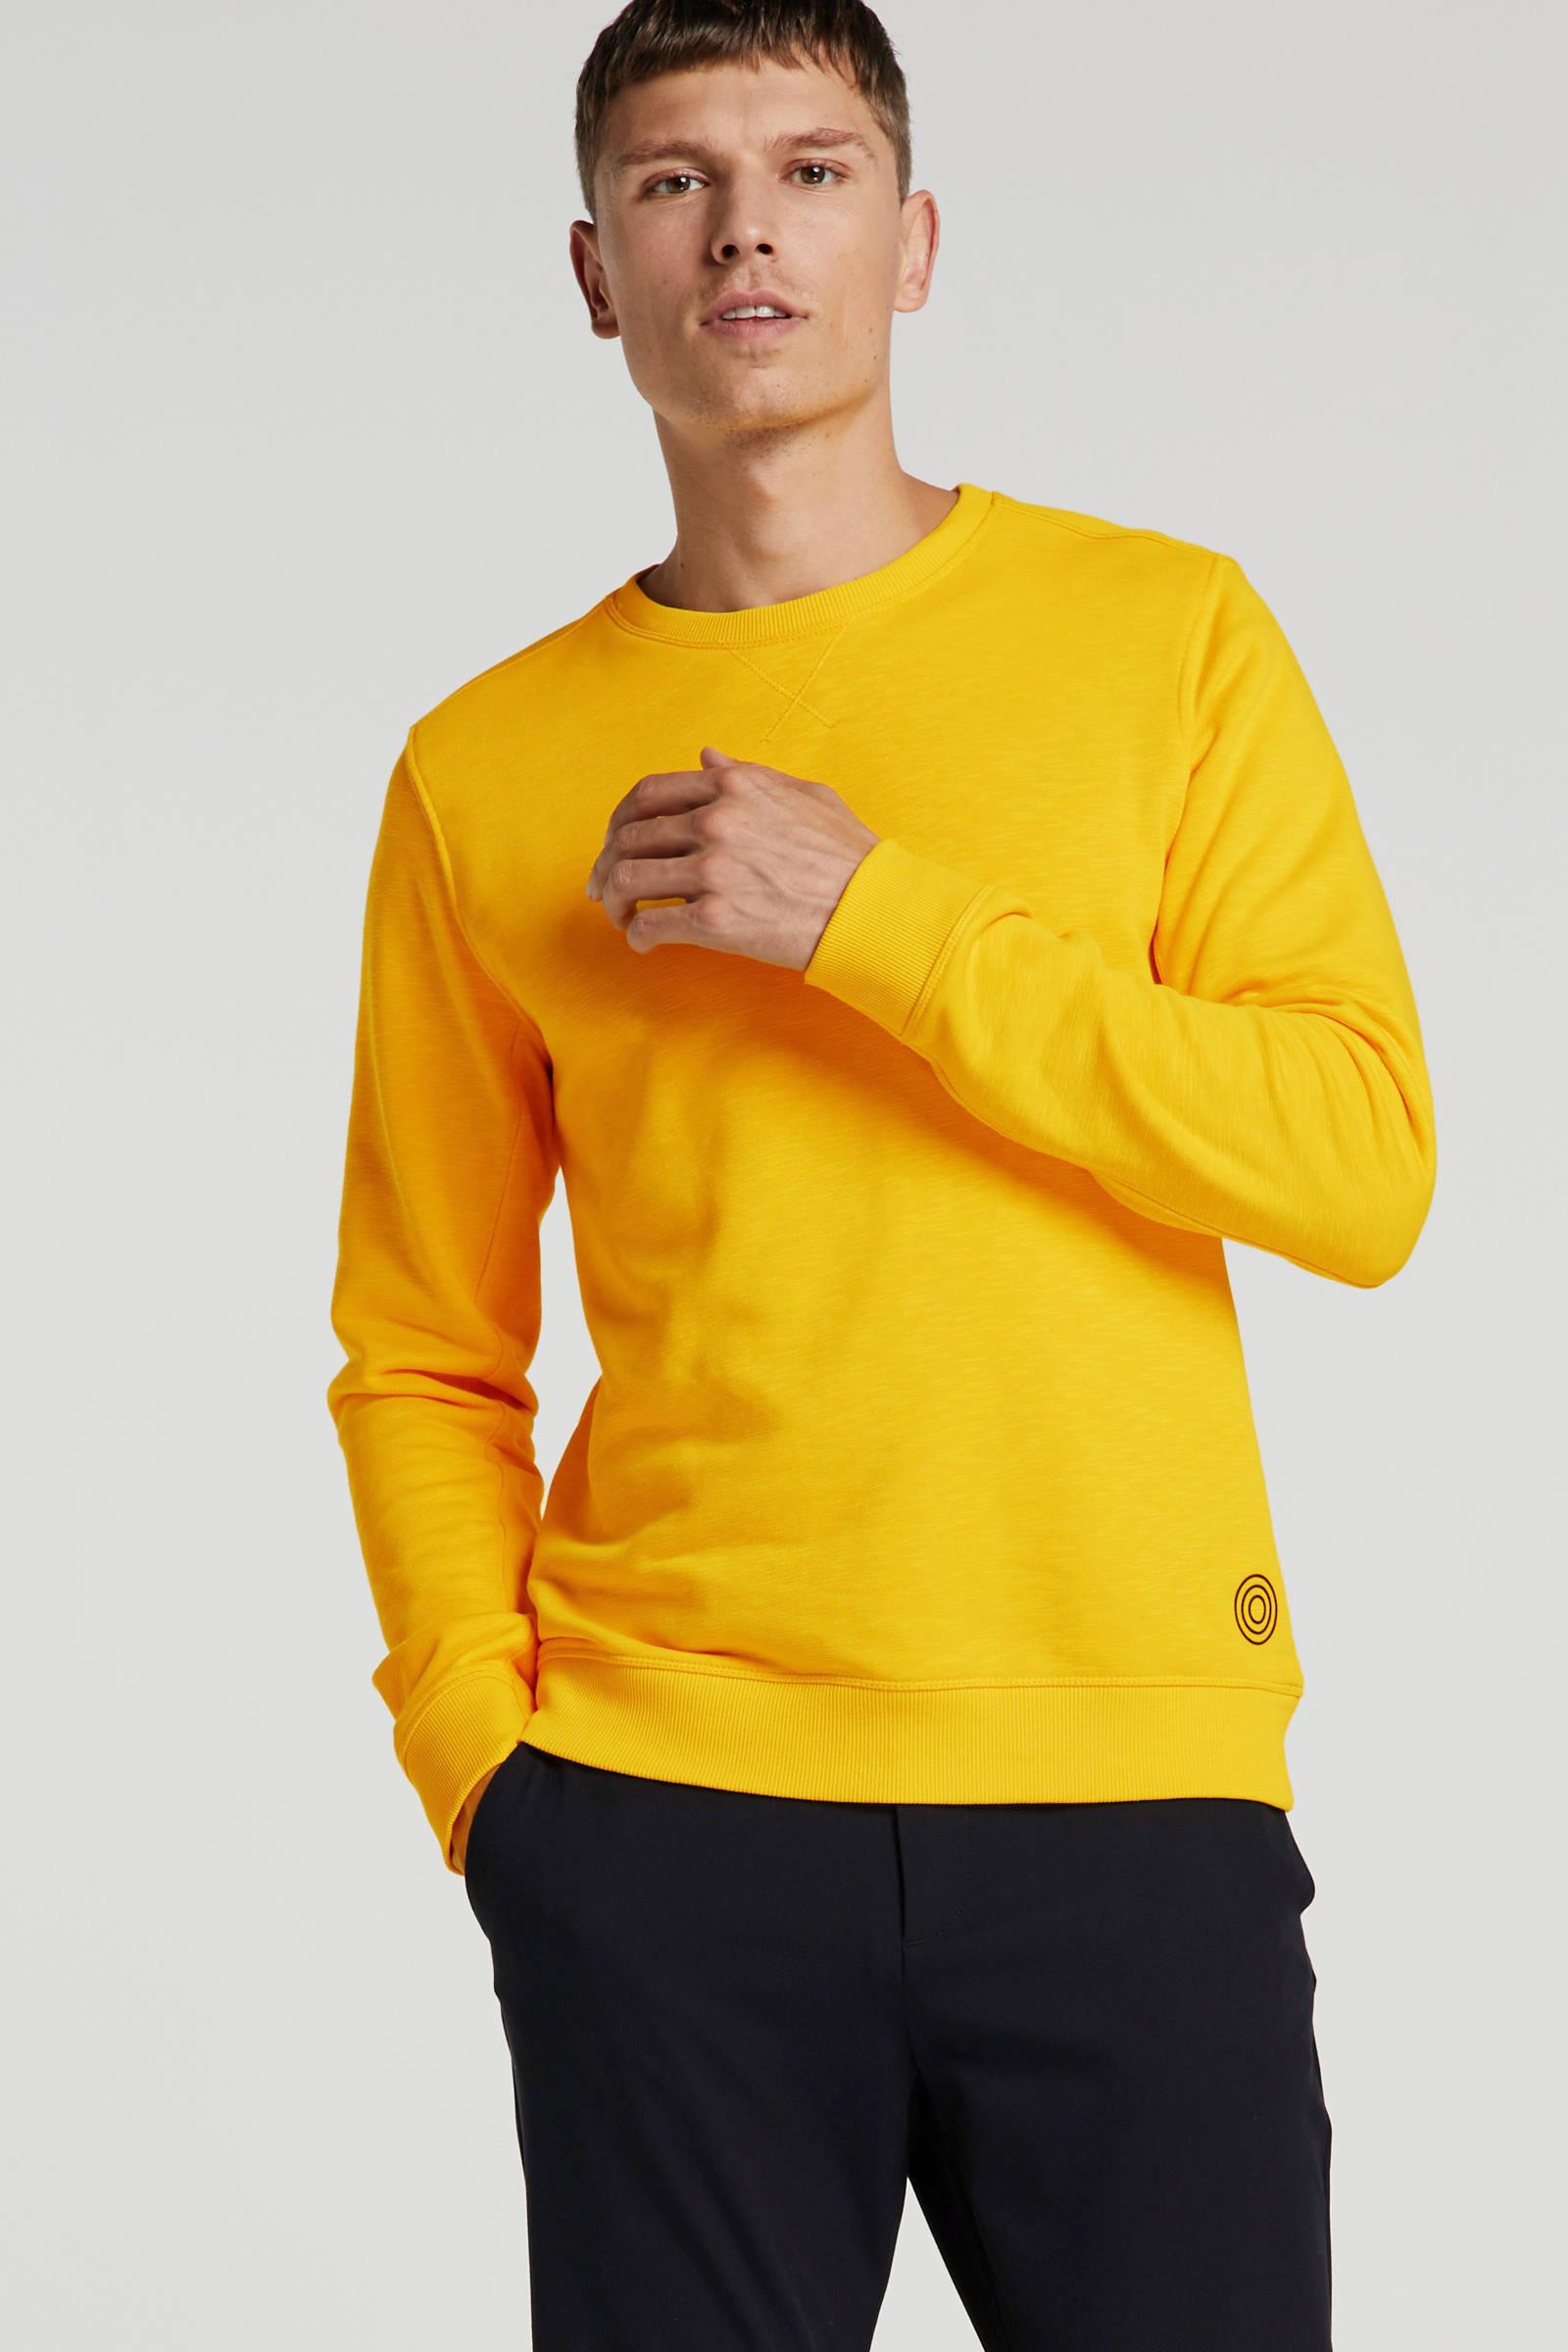 Blue Industry Gemêleerde Sweater Geel s5b0LNao LntntV9J